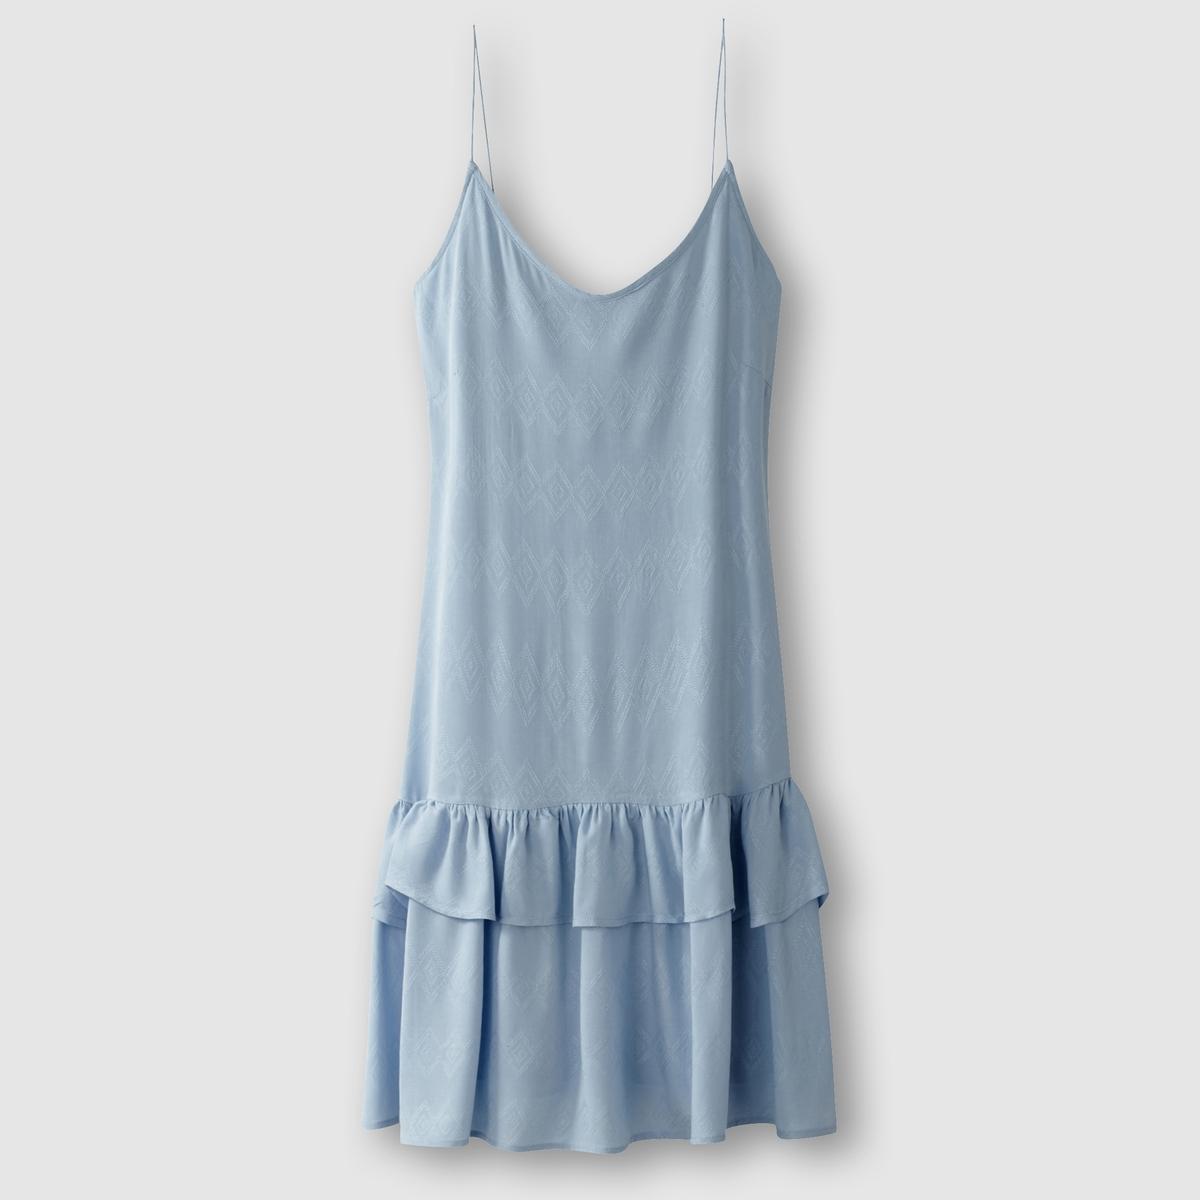 Платье на бретелях, низ с воланами VILA VISIMU STRAP DRESS